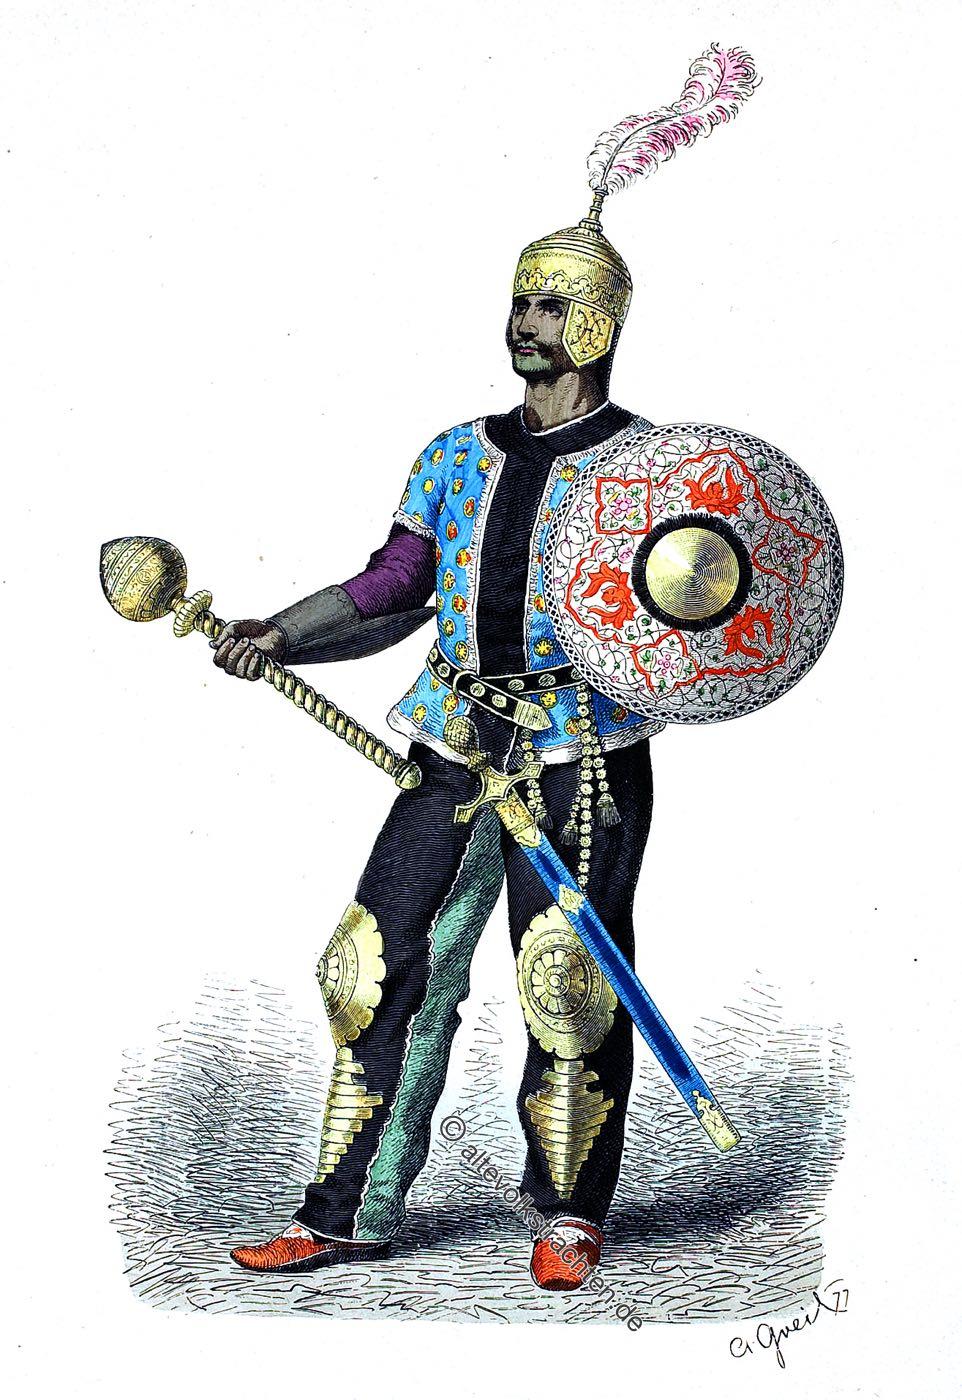 Lipperheide, General, Heerführer, Persien, Mittelalter, persisches Reich